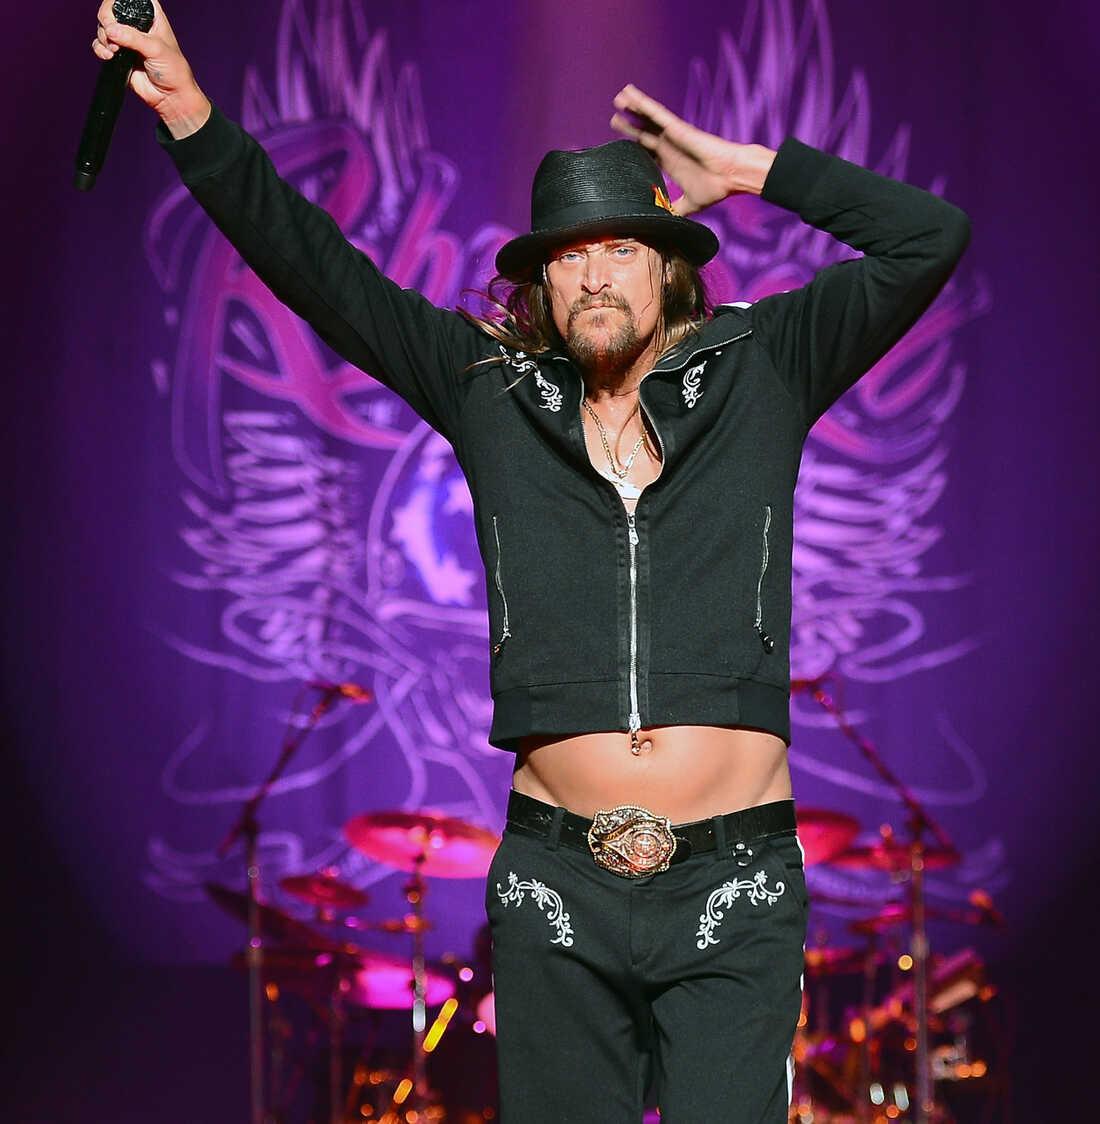 Kid Rock performs in Las Vegas.